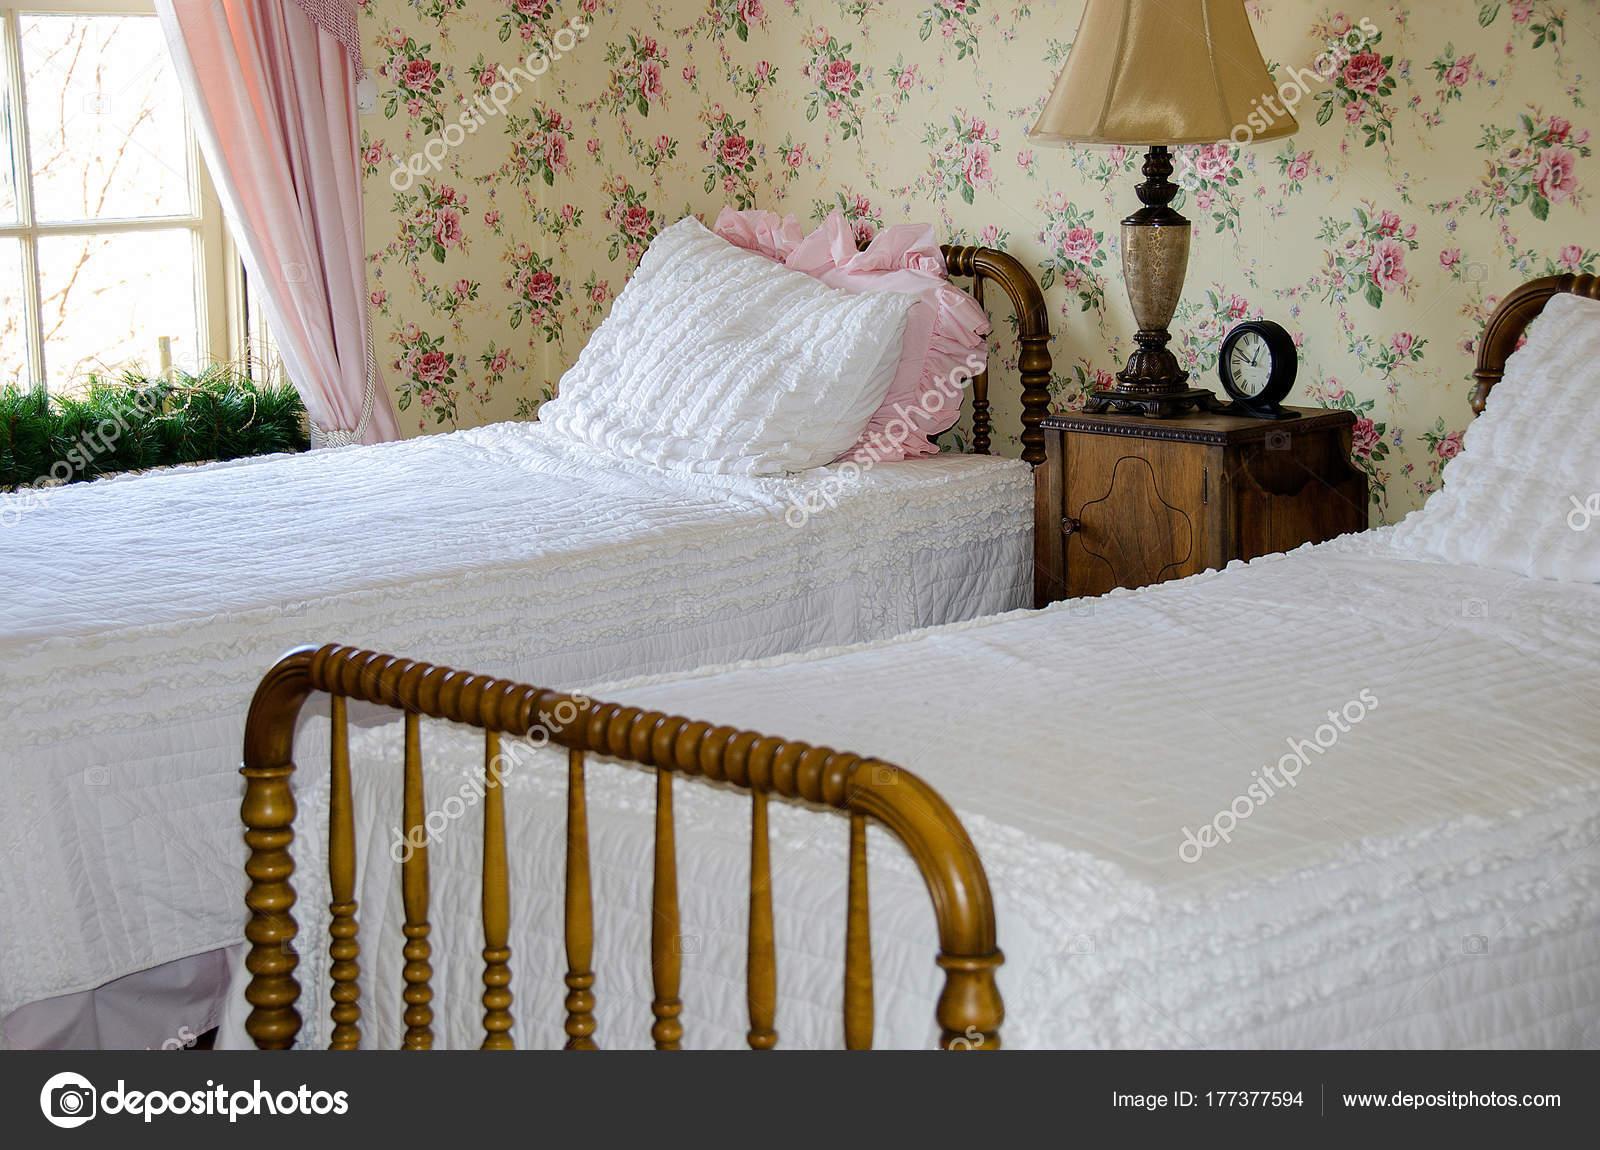 lits jumeaux avec couvre lits blancs dans chambre avec papier photo - Lits Jumeaux